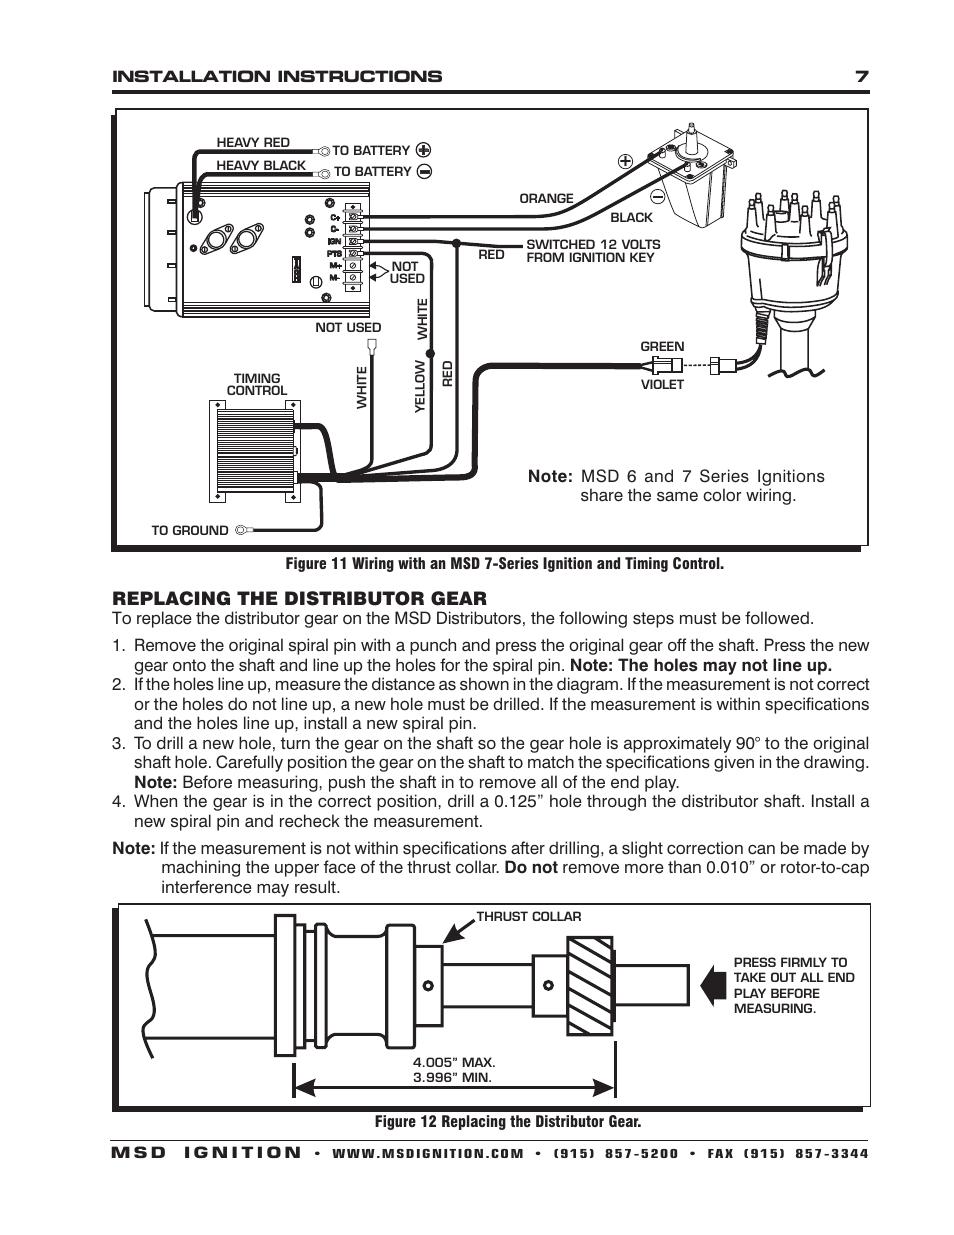 hight resolution of replacing the distributor gear msd 8584 ford v8 351w billet rh manualsdir com msd ignition 6al wiring diagram msd ignition 6al wiring diagram